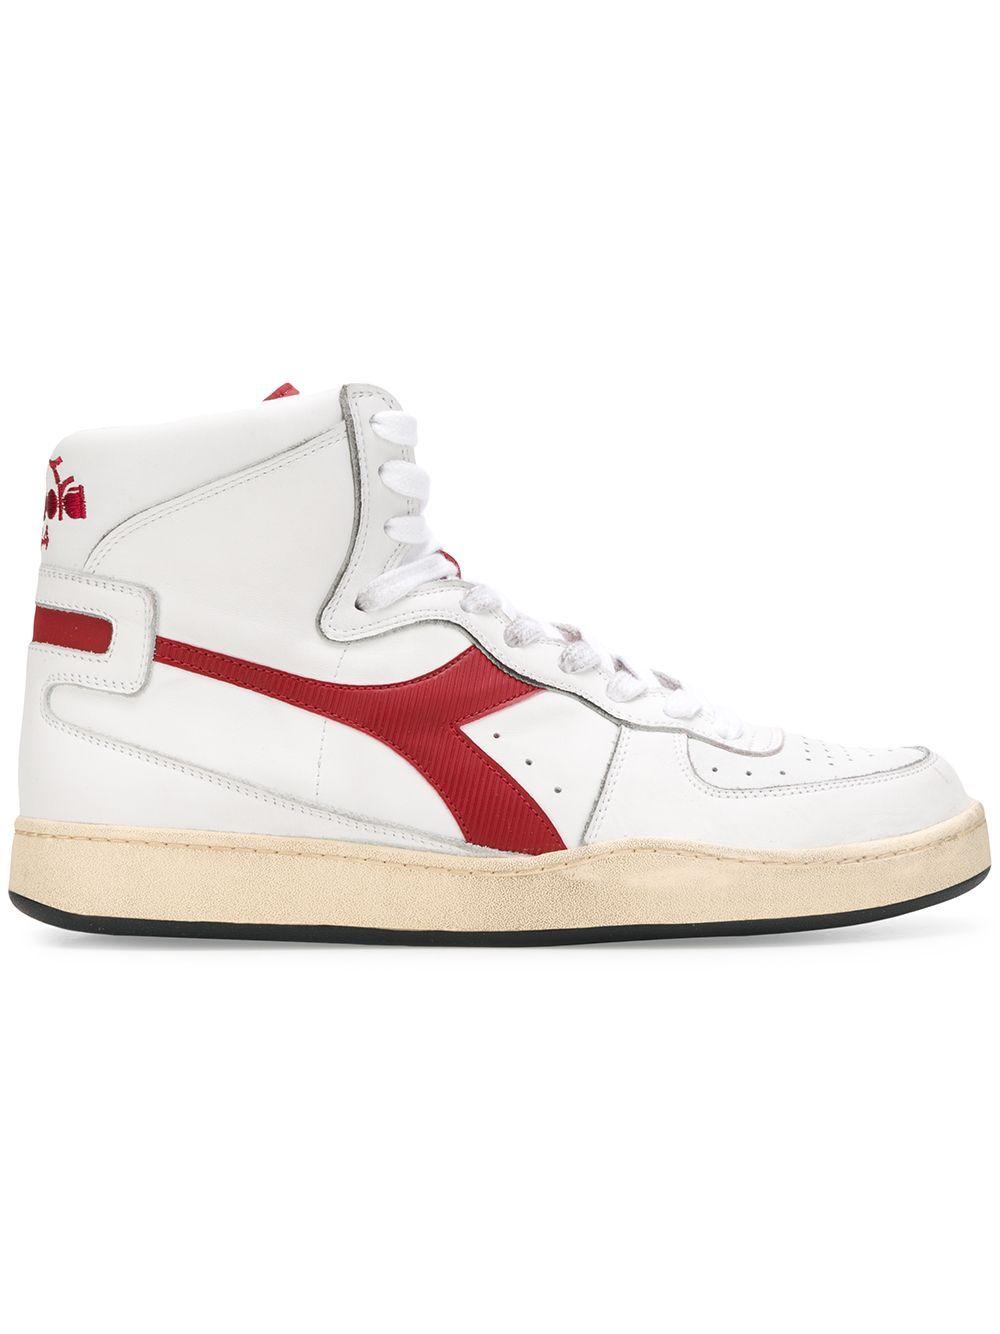 ee1d8de4f3 DIADORA DIADORA HIGH TOP SNEAKERS - WHITE. #diadora #shoes | Diadora ...